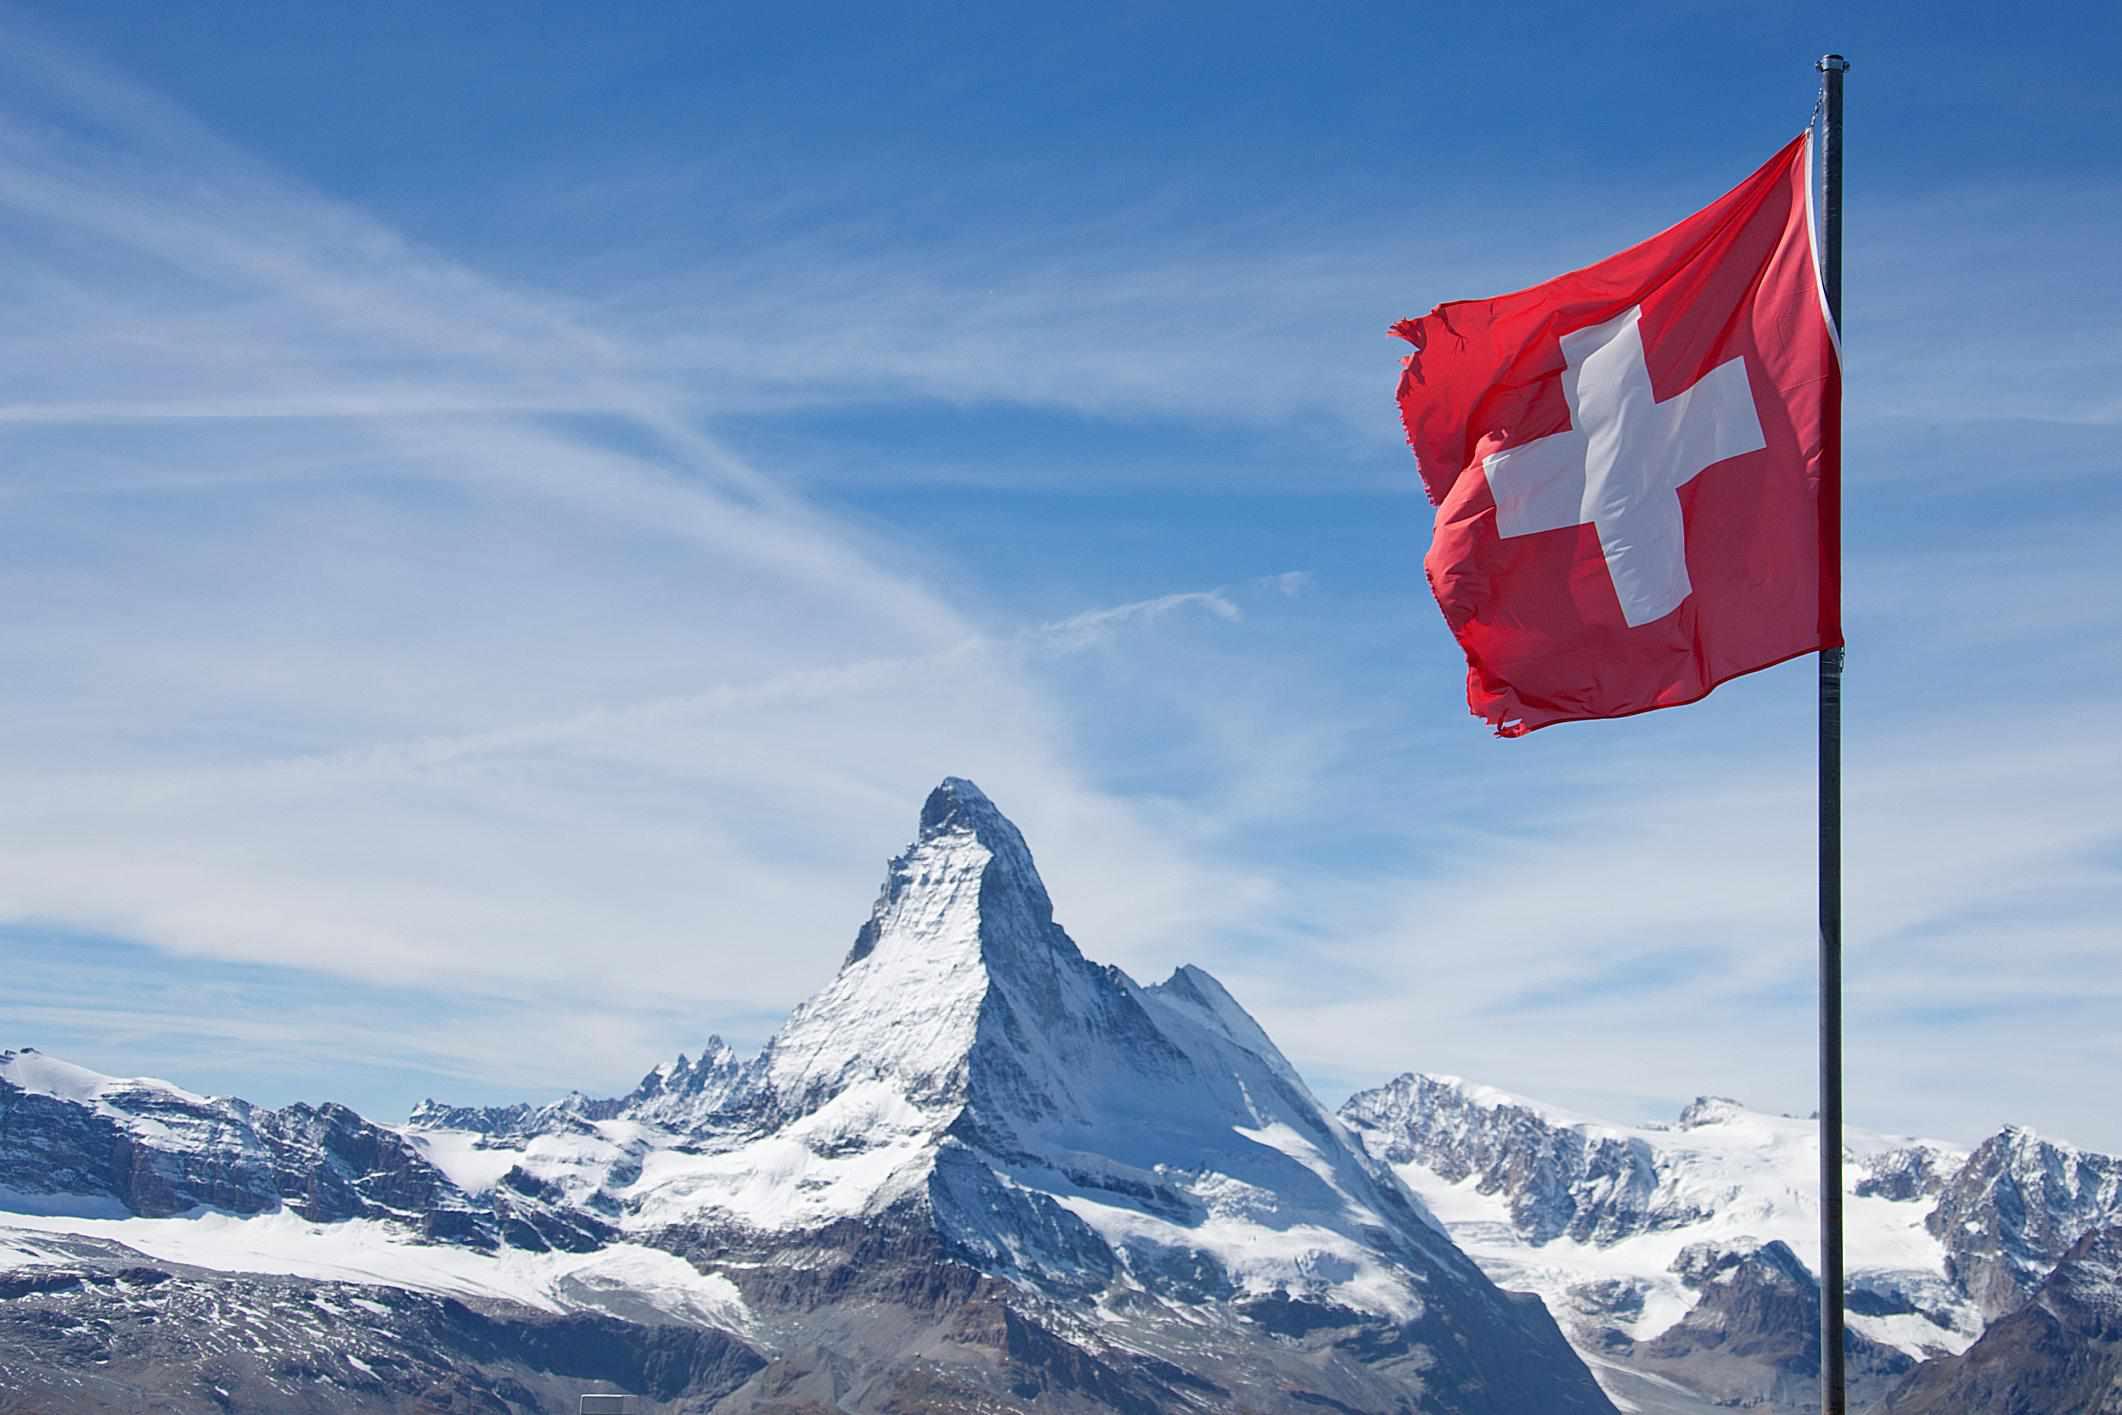 Suiza es siempre un lugar seguro para inversionistas